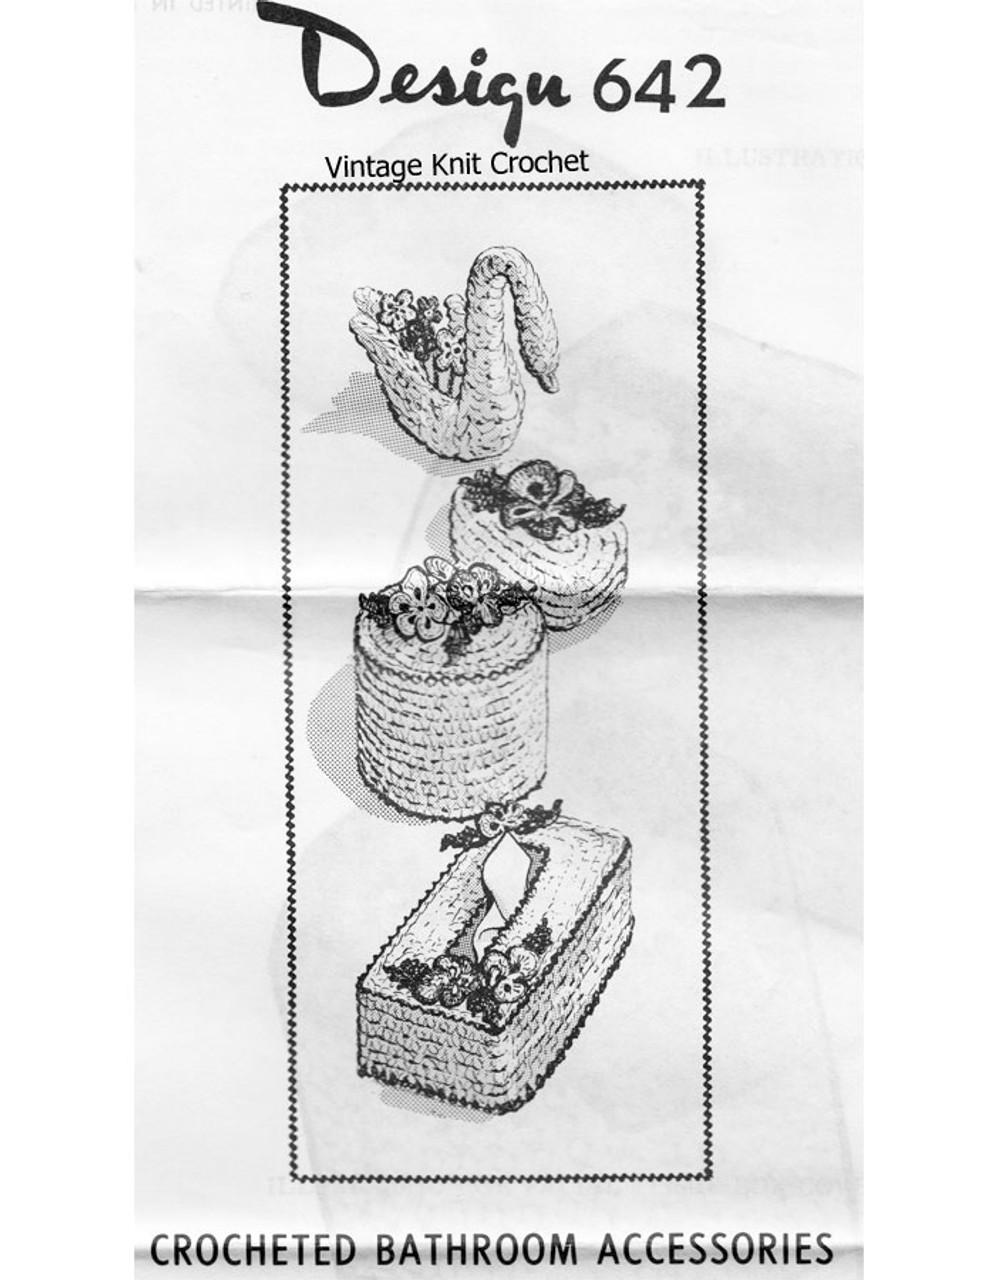 Crochet Tissue Soap Cover Pattern, Design 642